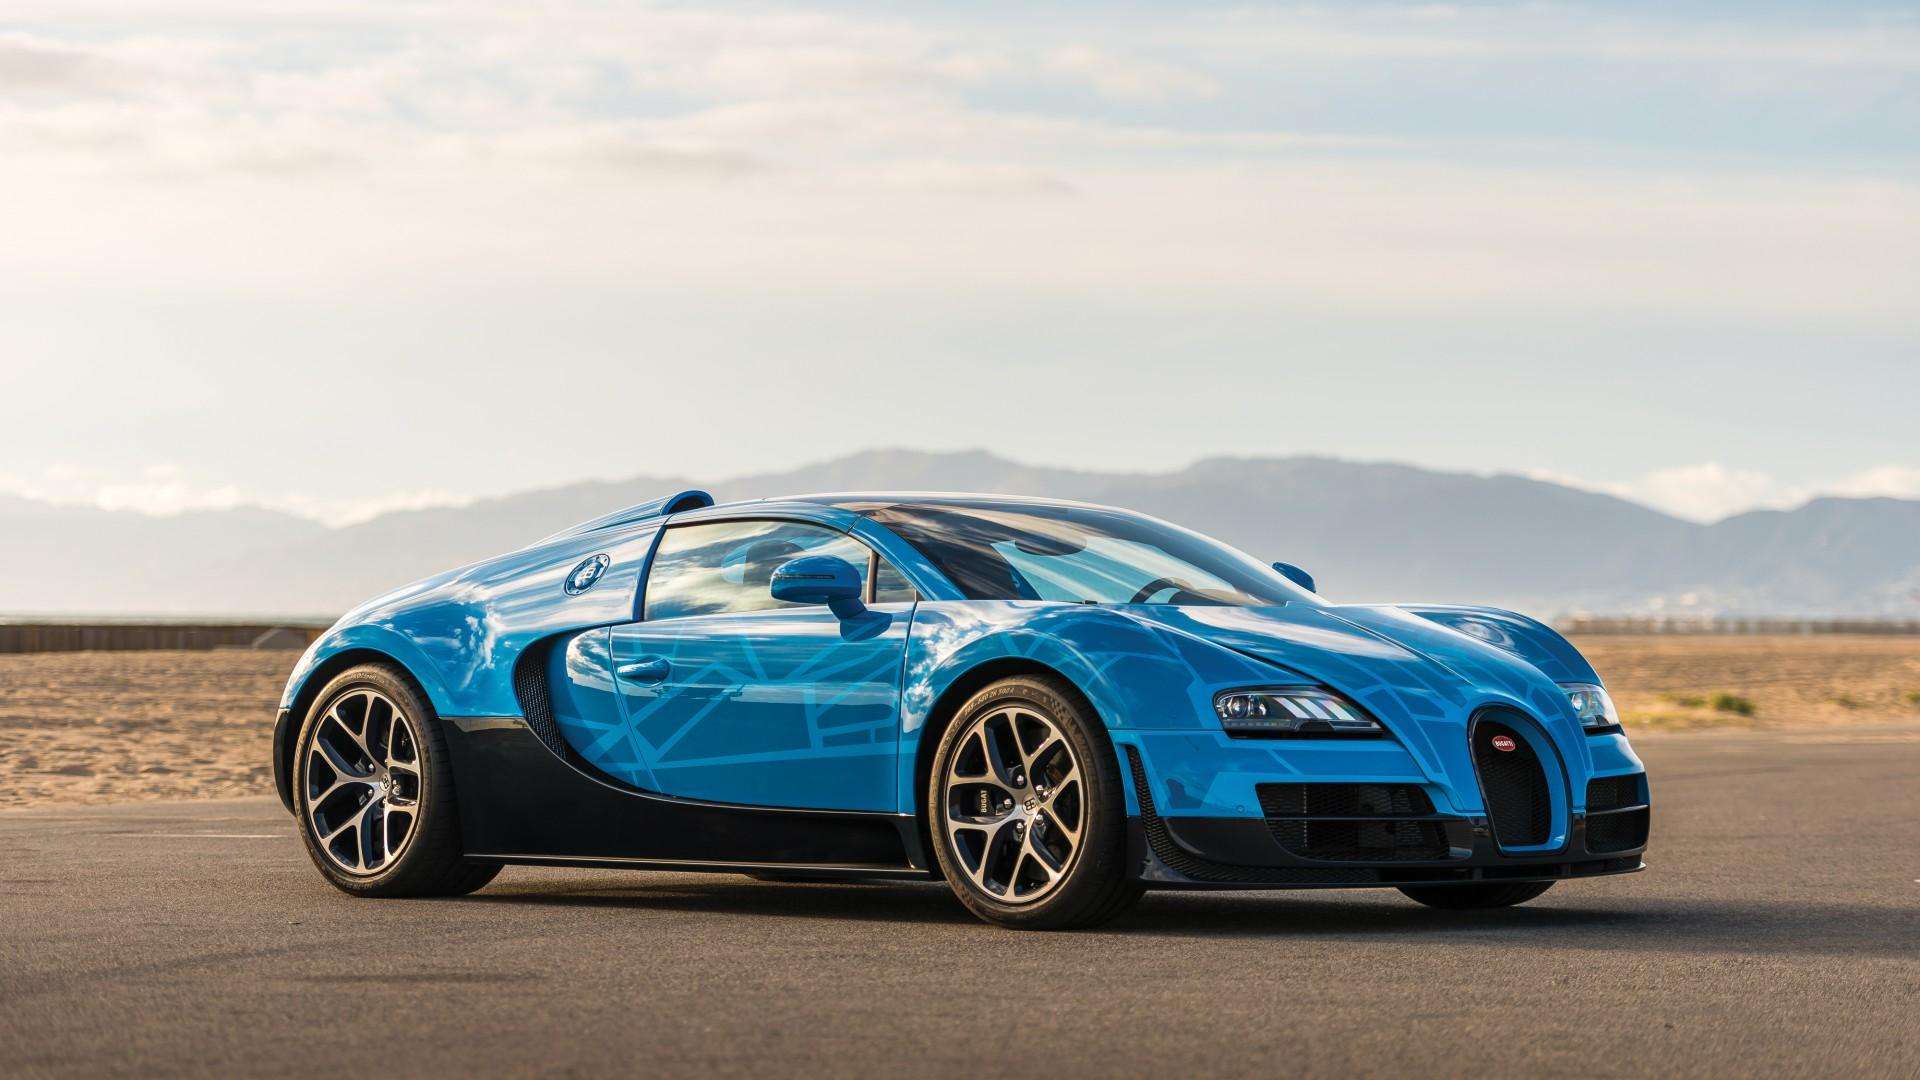 Bugatti Veyron Grand Sport Vitesse (2012-2015)